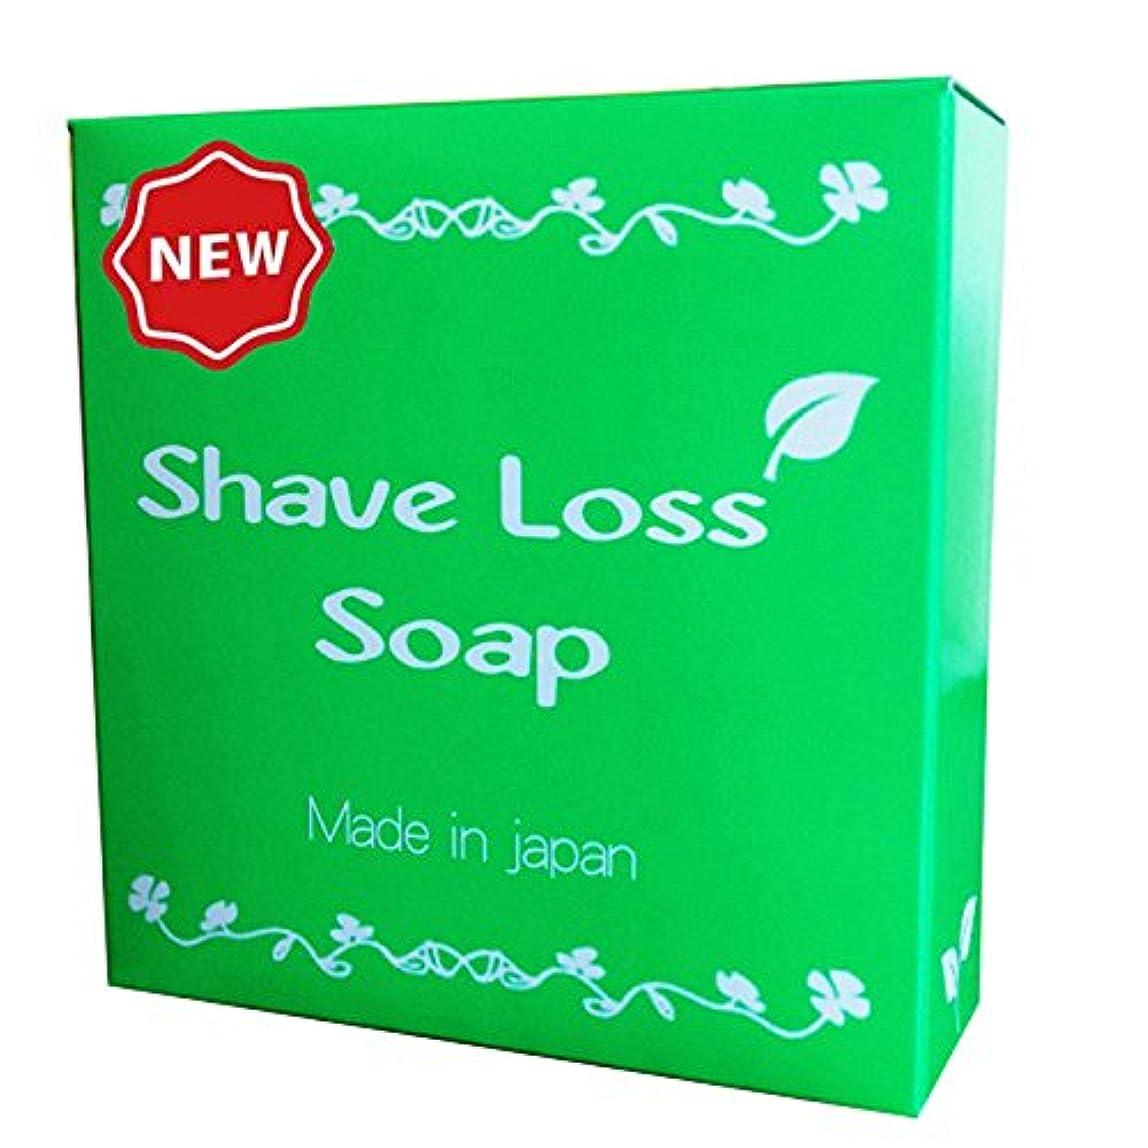 メーターオプションペンフレンド【NEW】Shave Loss Soap 女性の願いを叶える 石鹸 80g 「ダイズ種子エキス」 「ラレアディバリカタエキス」大幅増量タイプ